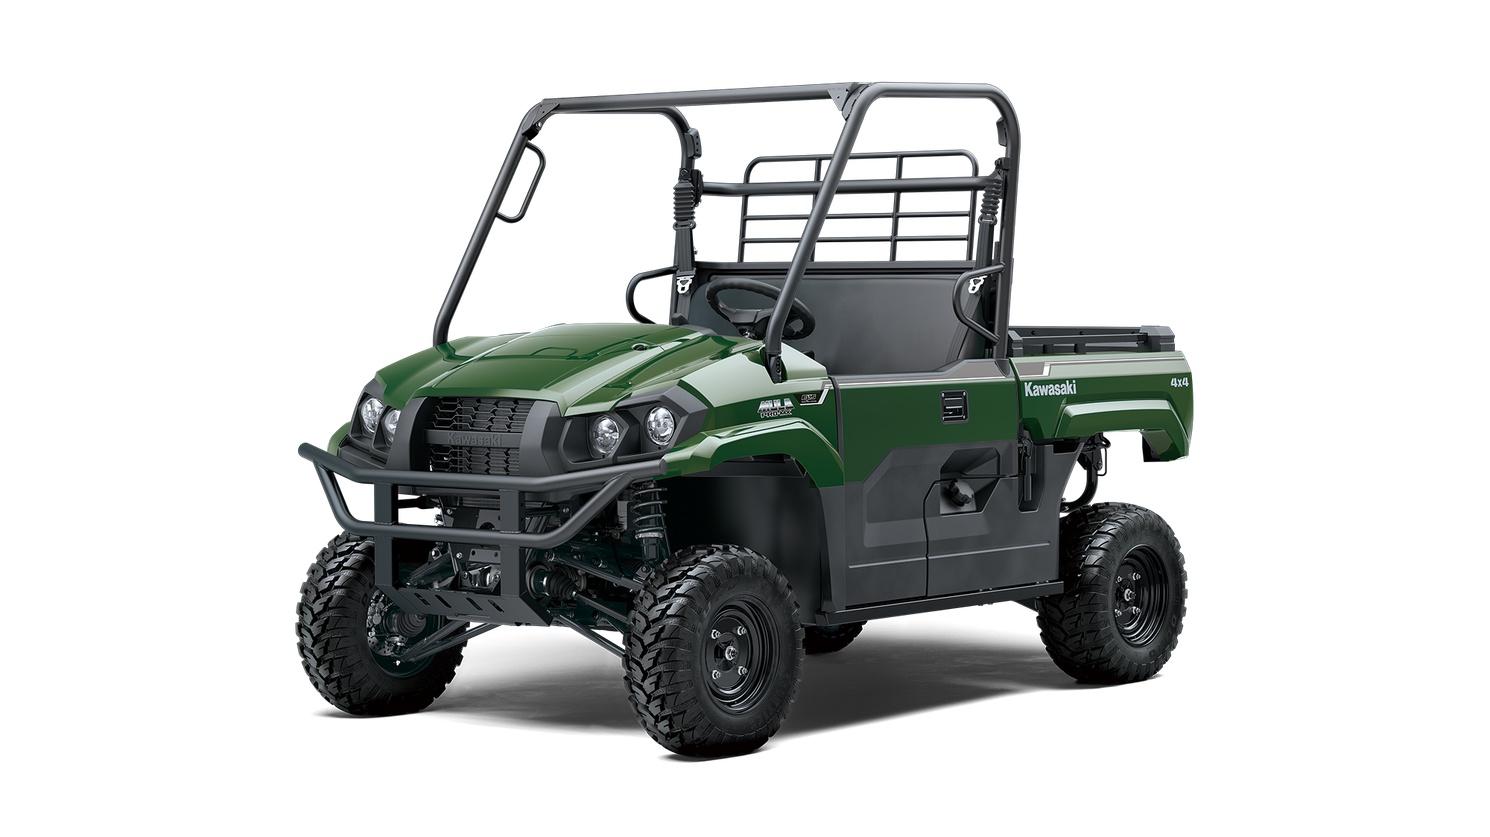 2020 Kawasaki MULE PRO-MX EPS Timberline Green